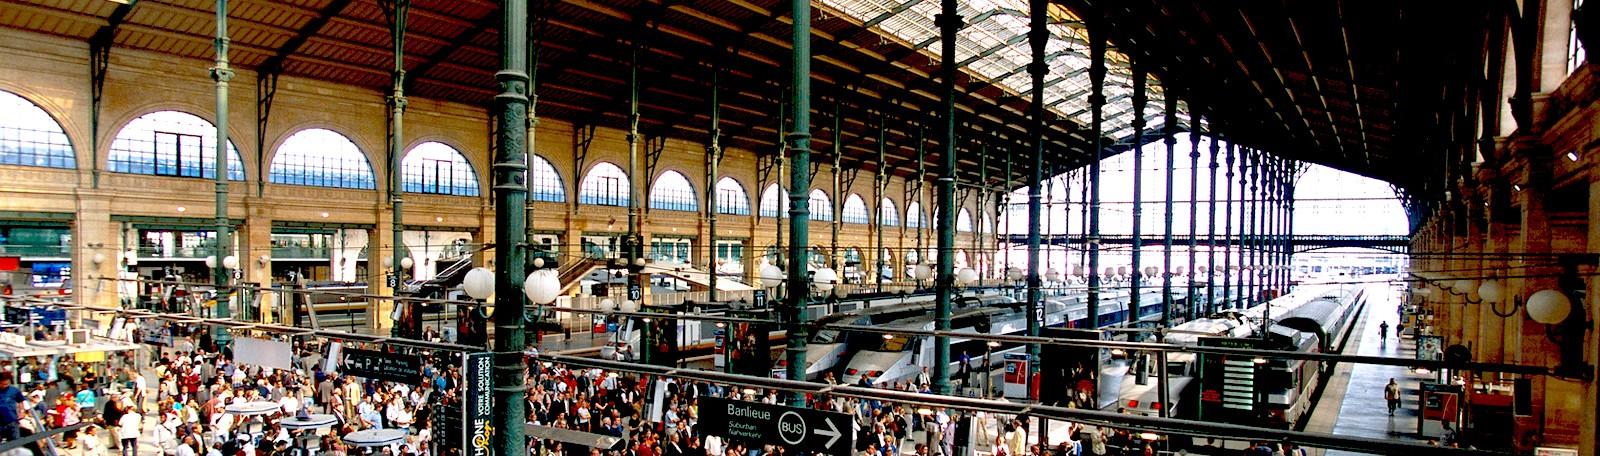 Вокзал Сен-Лазар в Париже